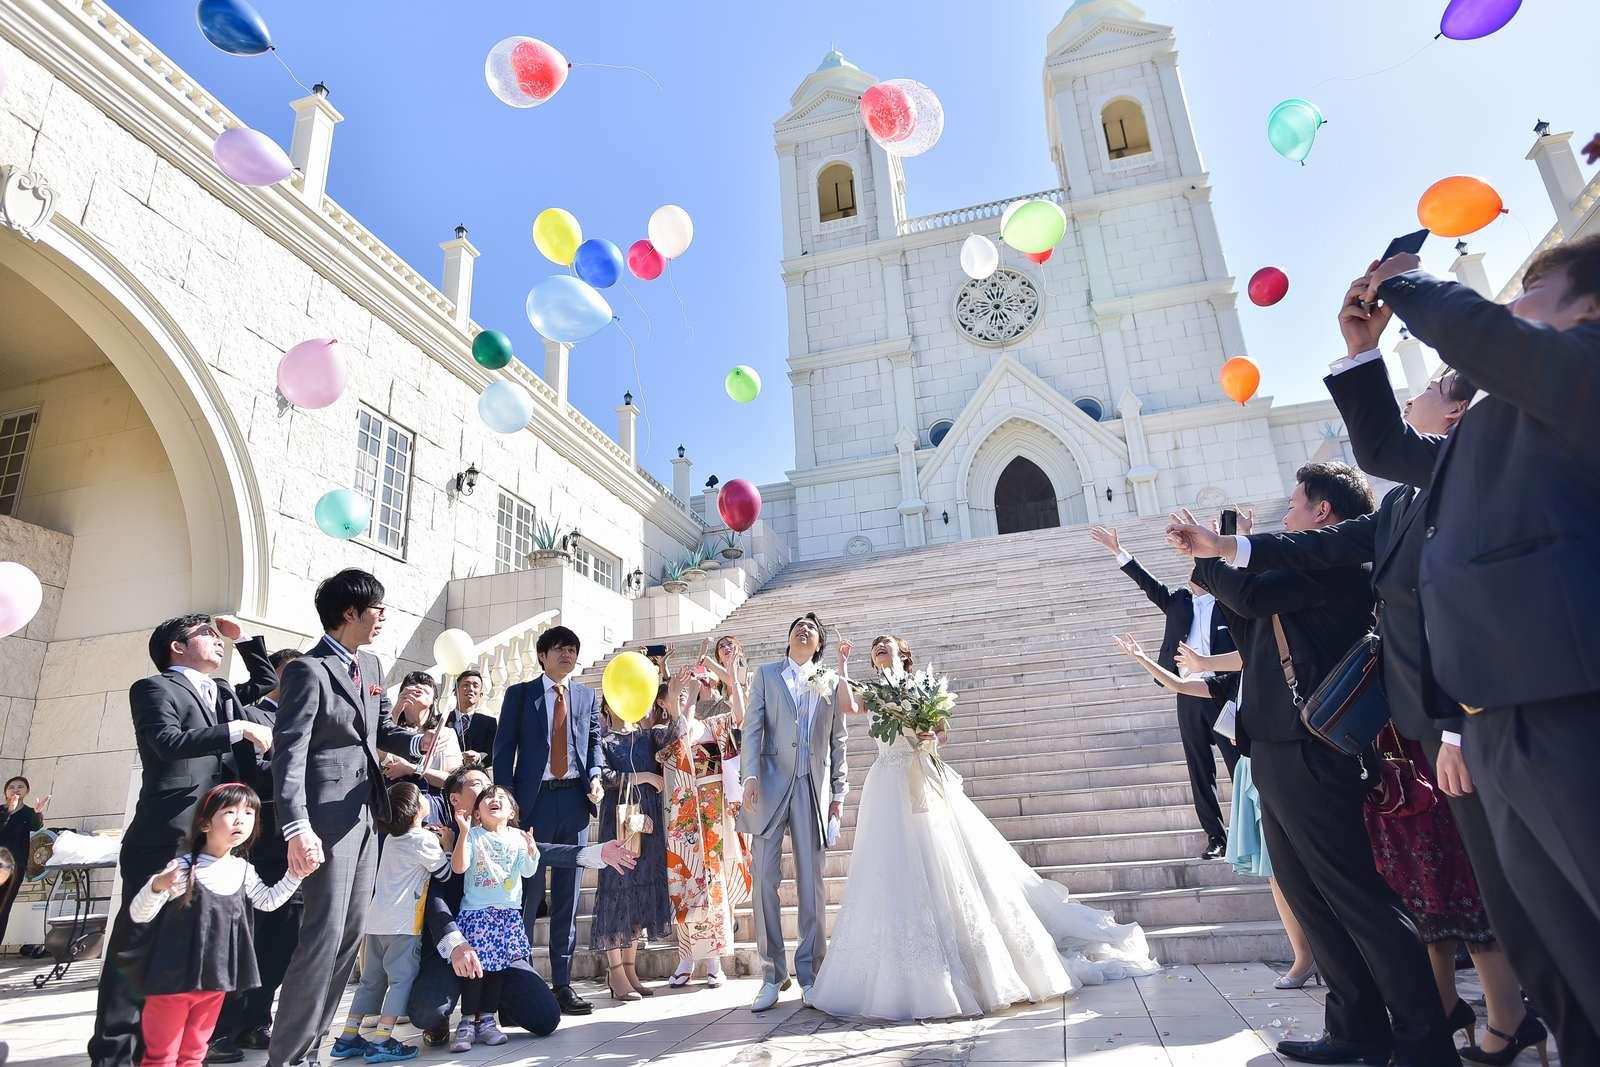 香川県の結婚式場シェルエメール&アイスタイル バルーンリリース